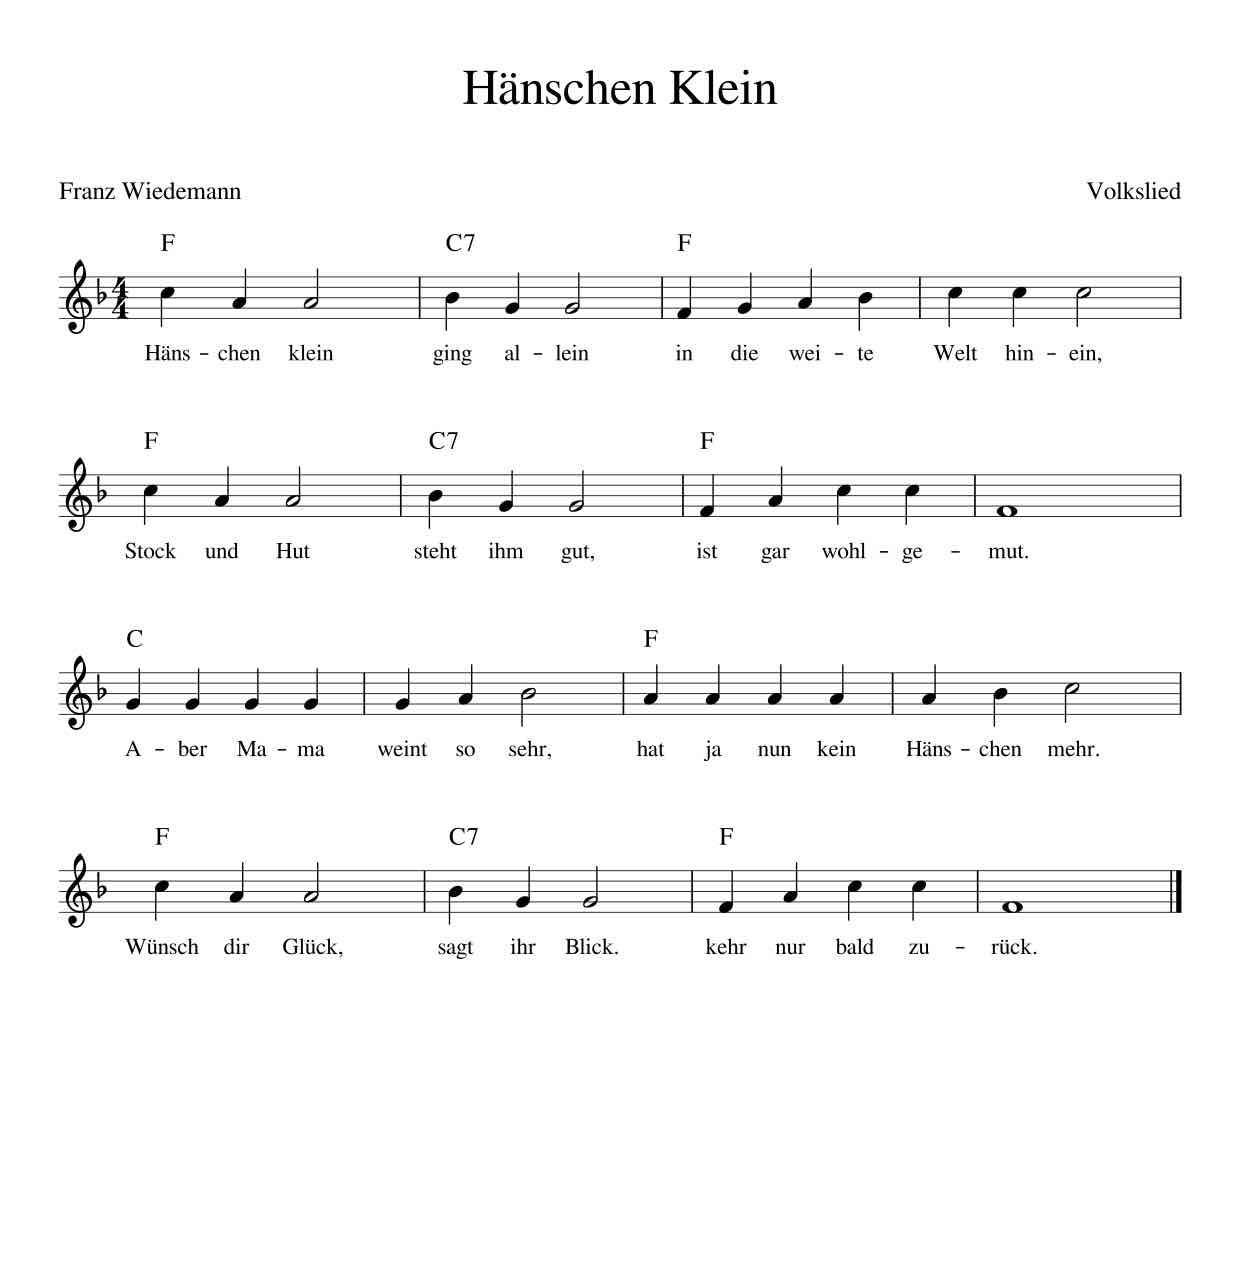 Weihnachtslieder Noten Für Glockenspiel.Hänschen Klein Ging Allein Kinderlieder Noten Text